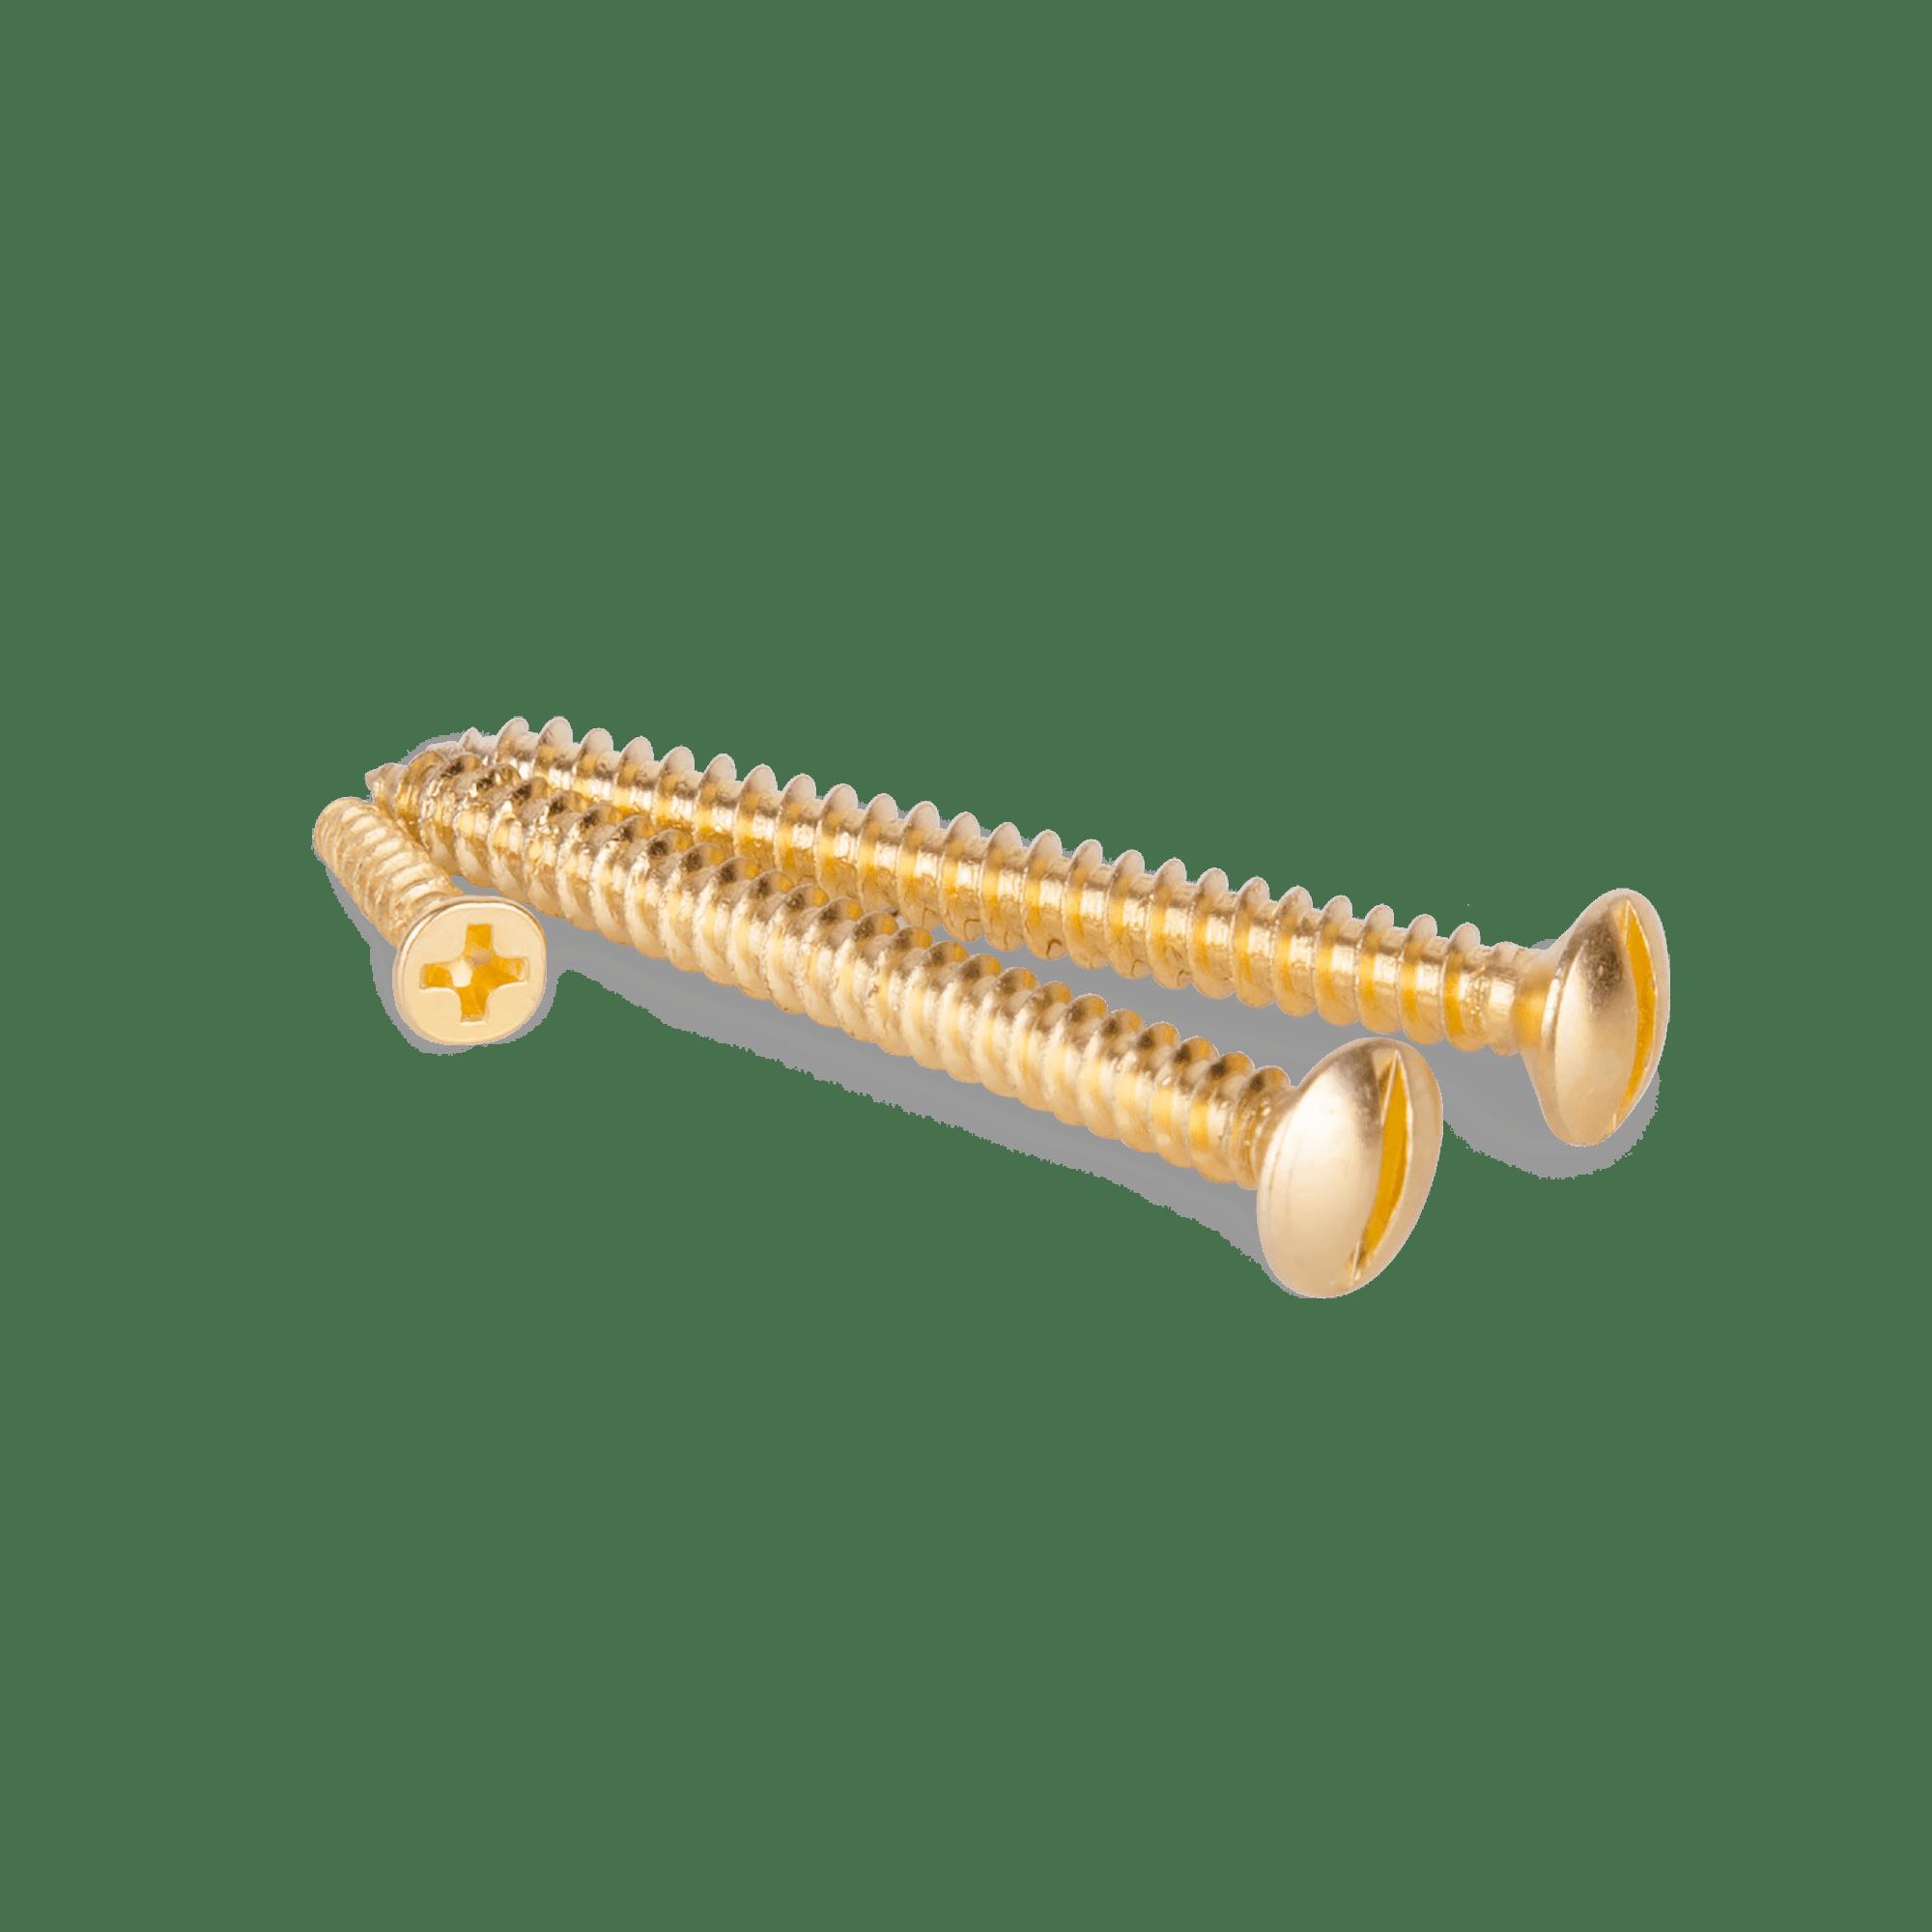 WL18-21-01/ Винты для накладного выключателя 3шт. (золото) Ретро